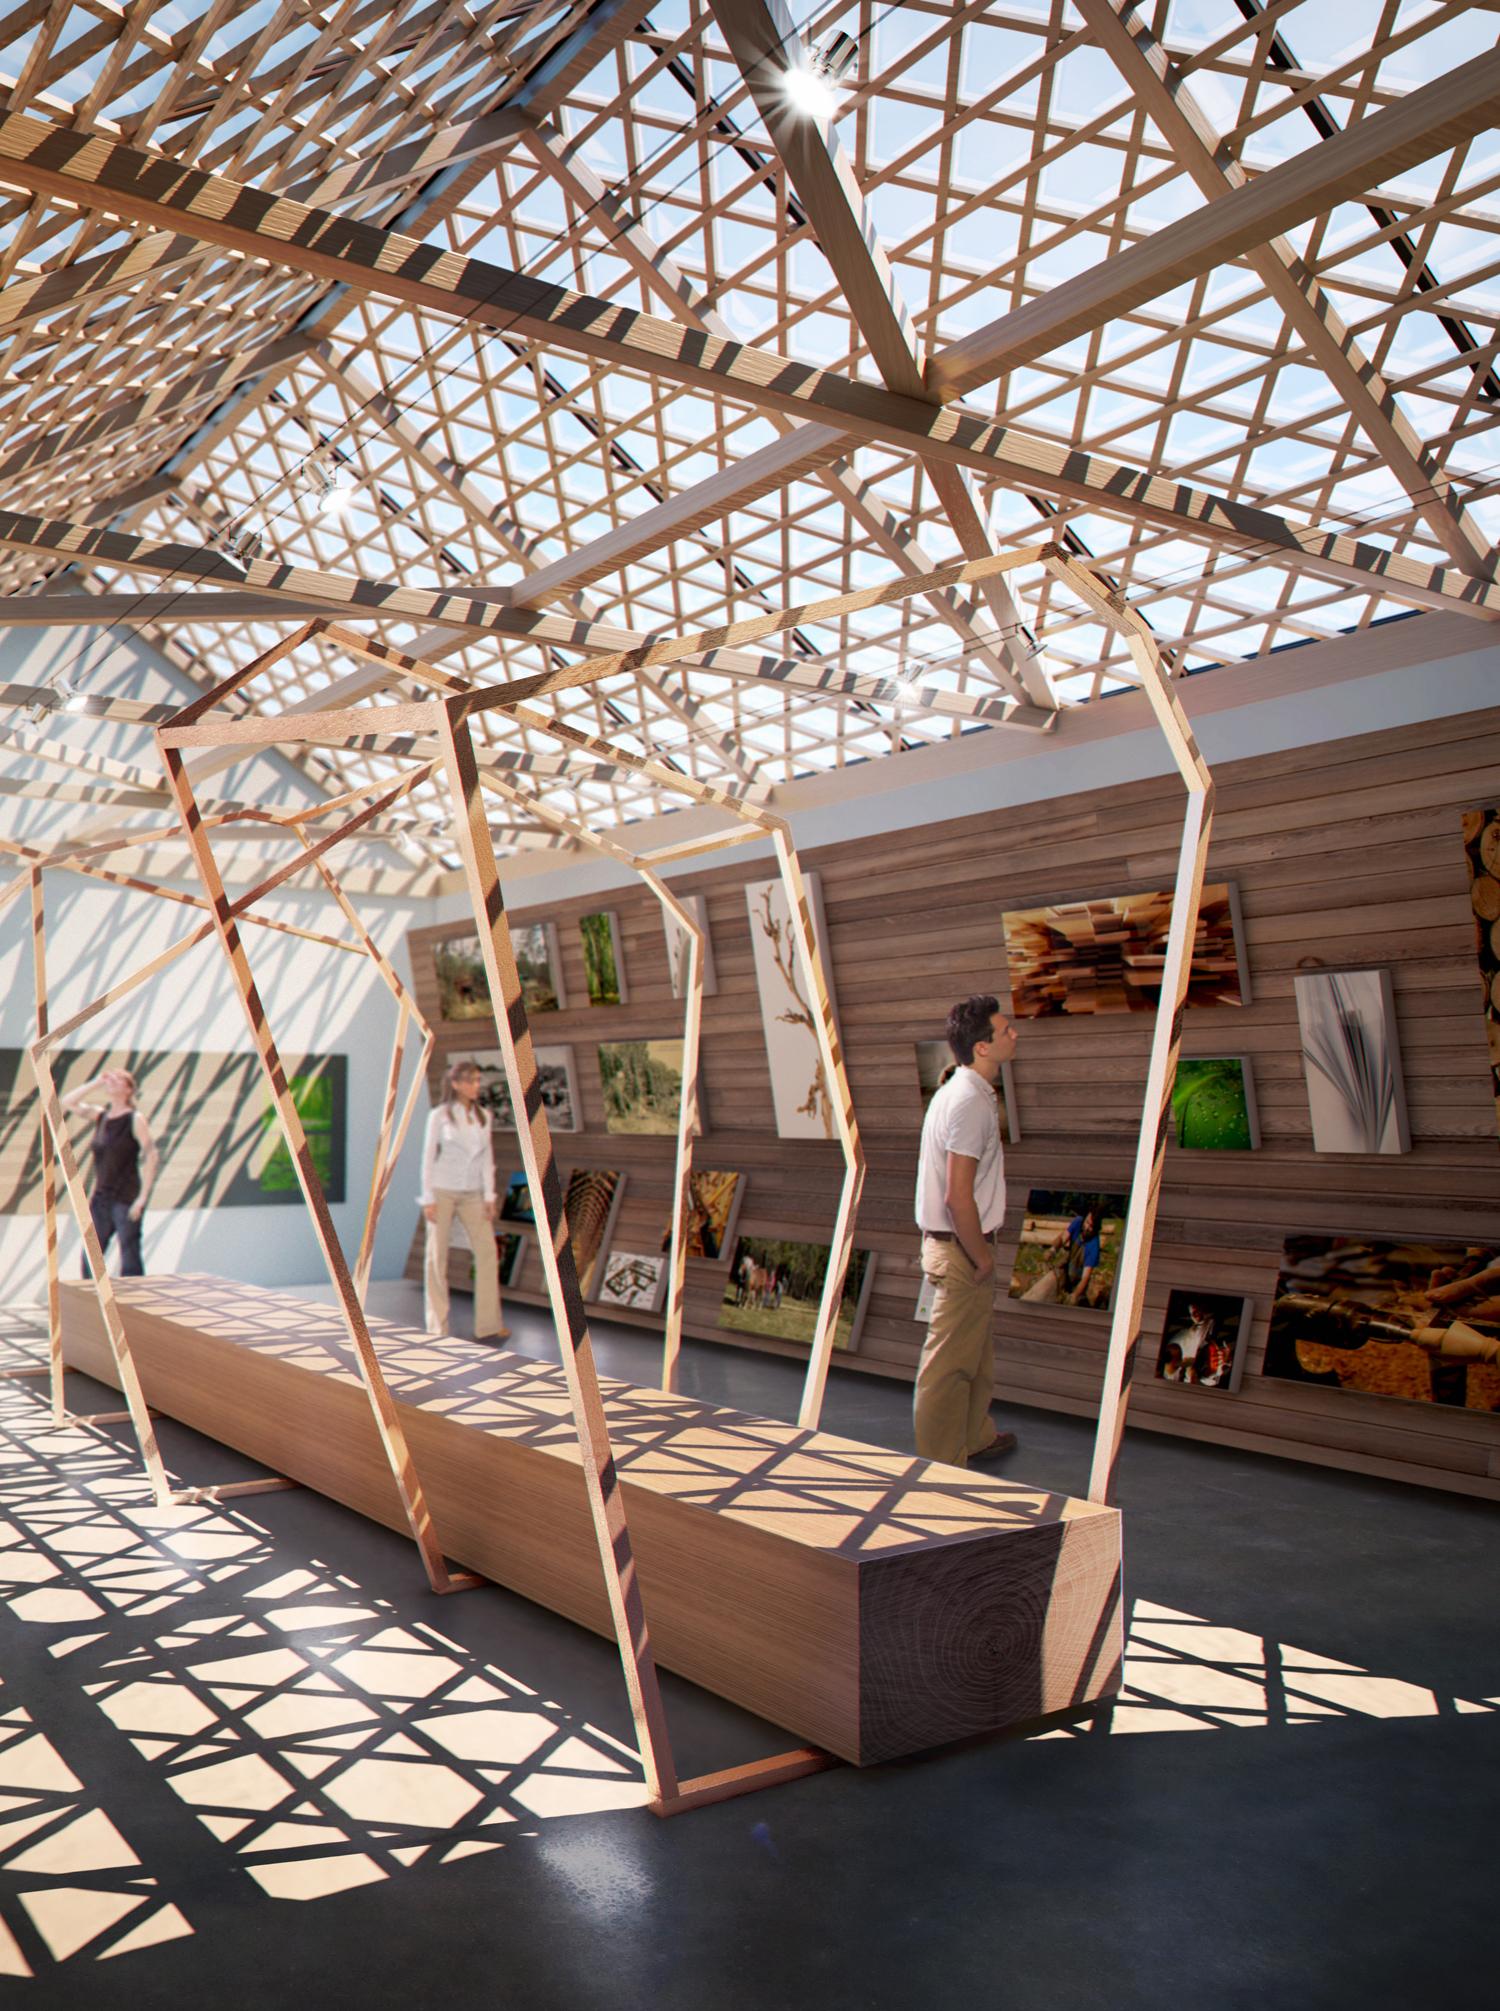 Un dimanche au musée du bois